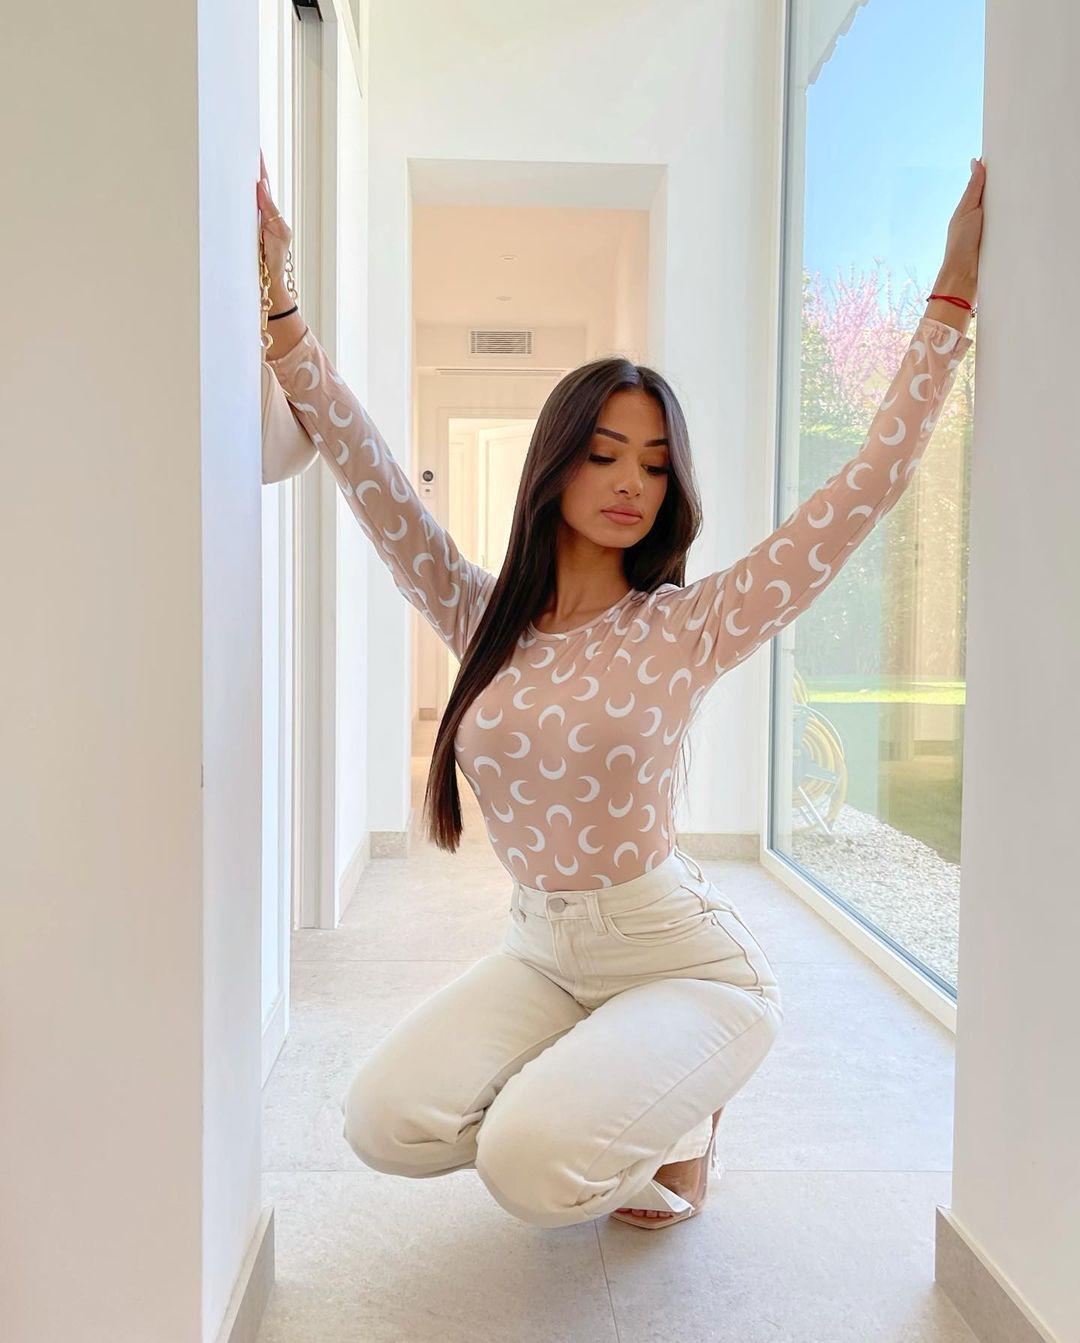 Sabrina-Khouiel-Wallpapers-Insta-Fit-Bio-7